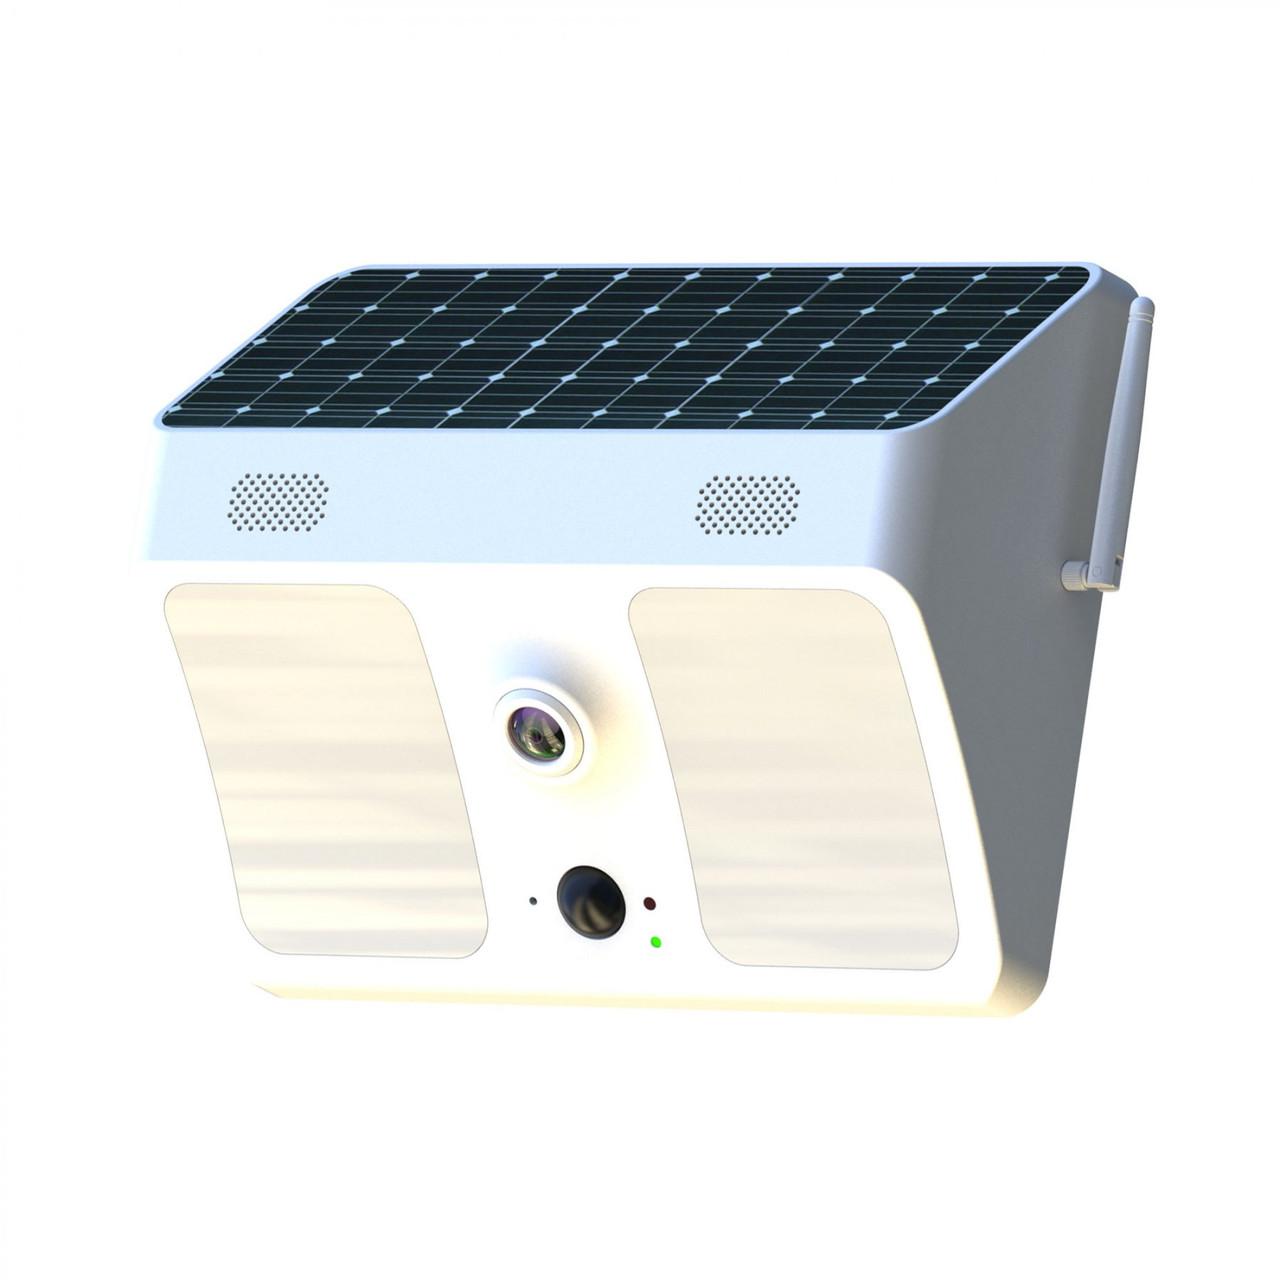 Solar Powered Floodlight WiFi Spy Camera